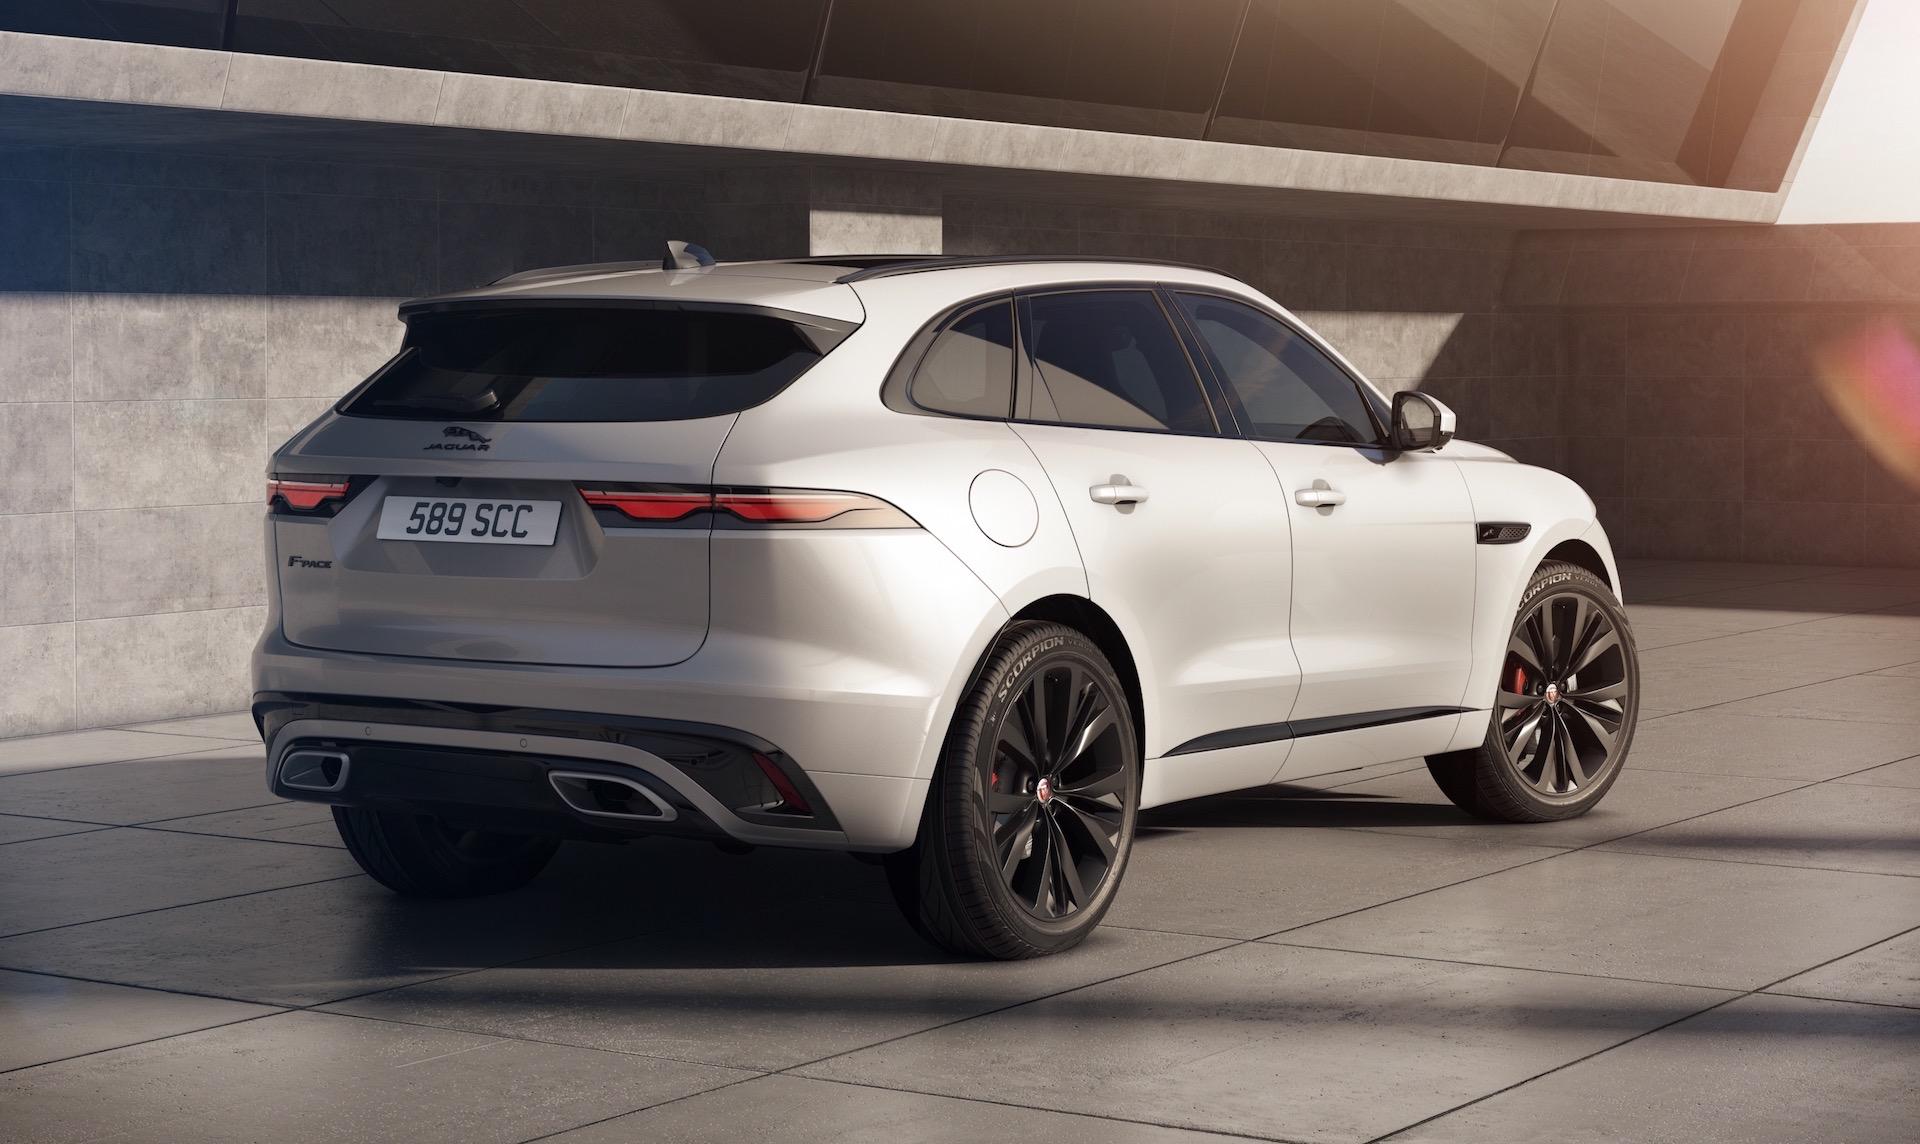 2021 Jaguar F-PACE revealed, 3.0L inline-6 engines ...